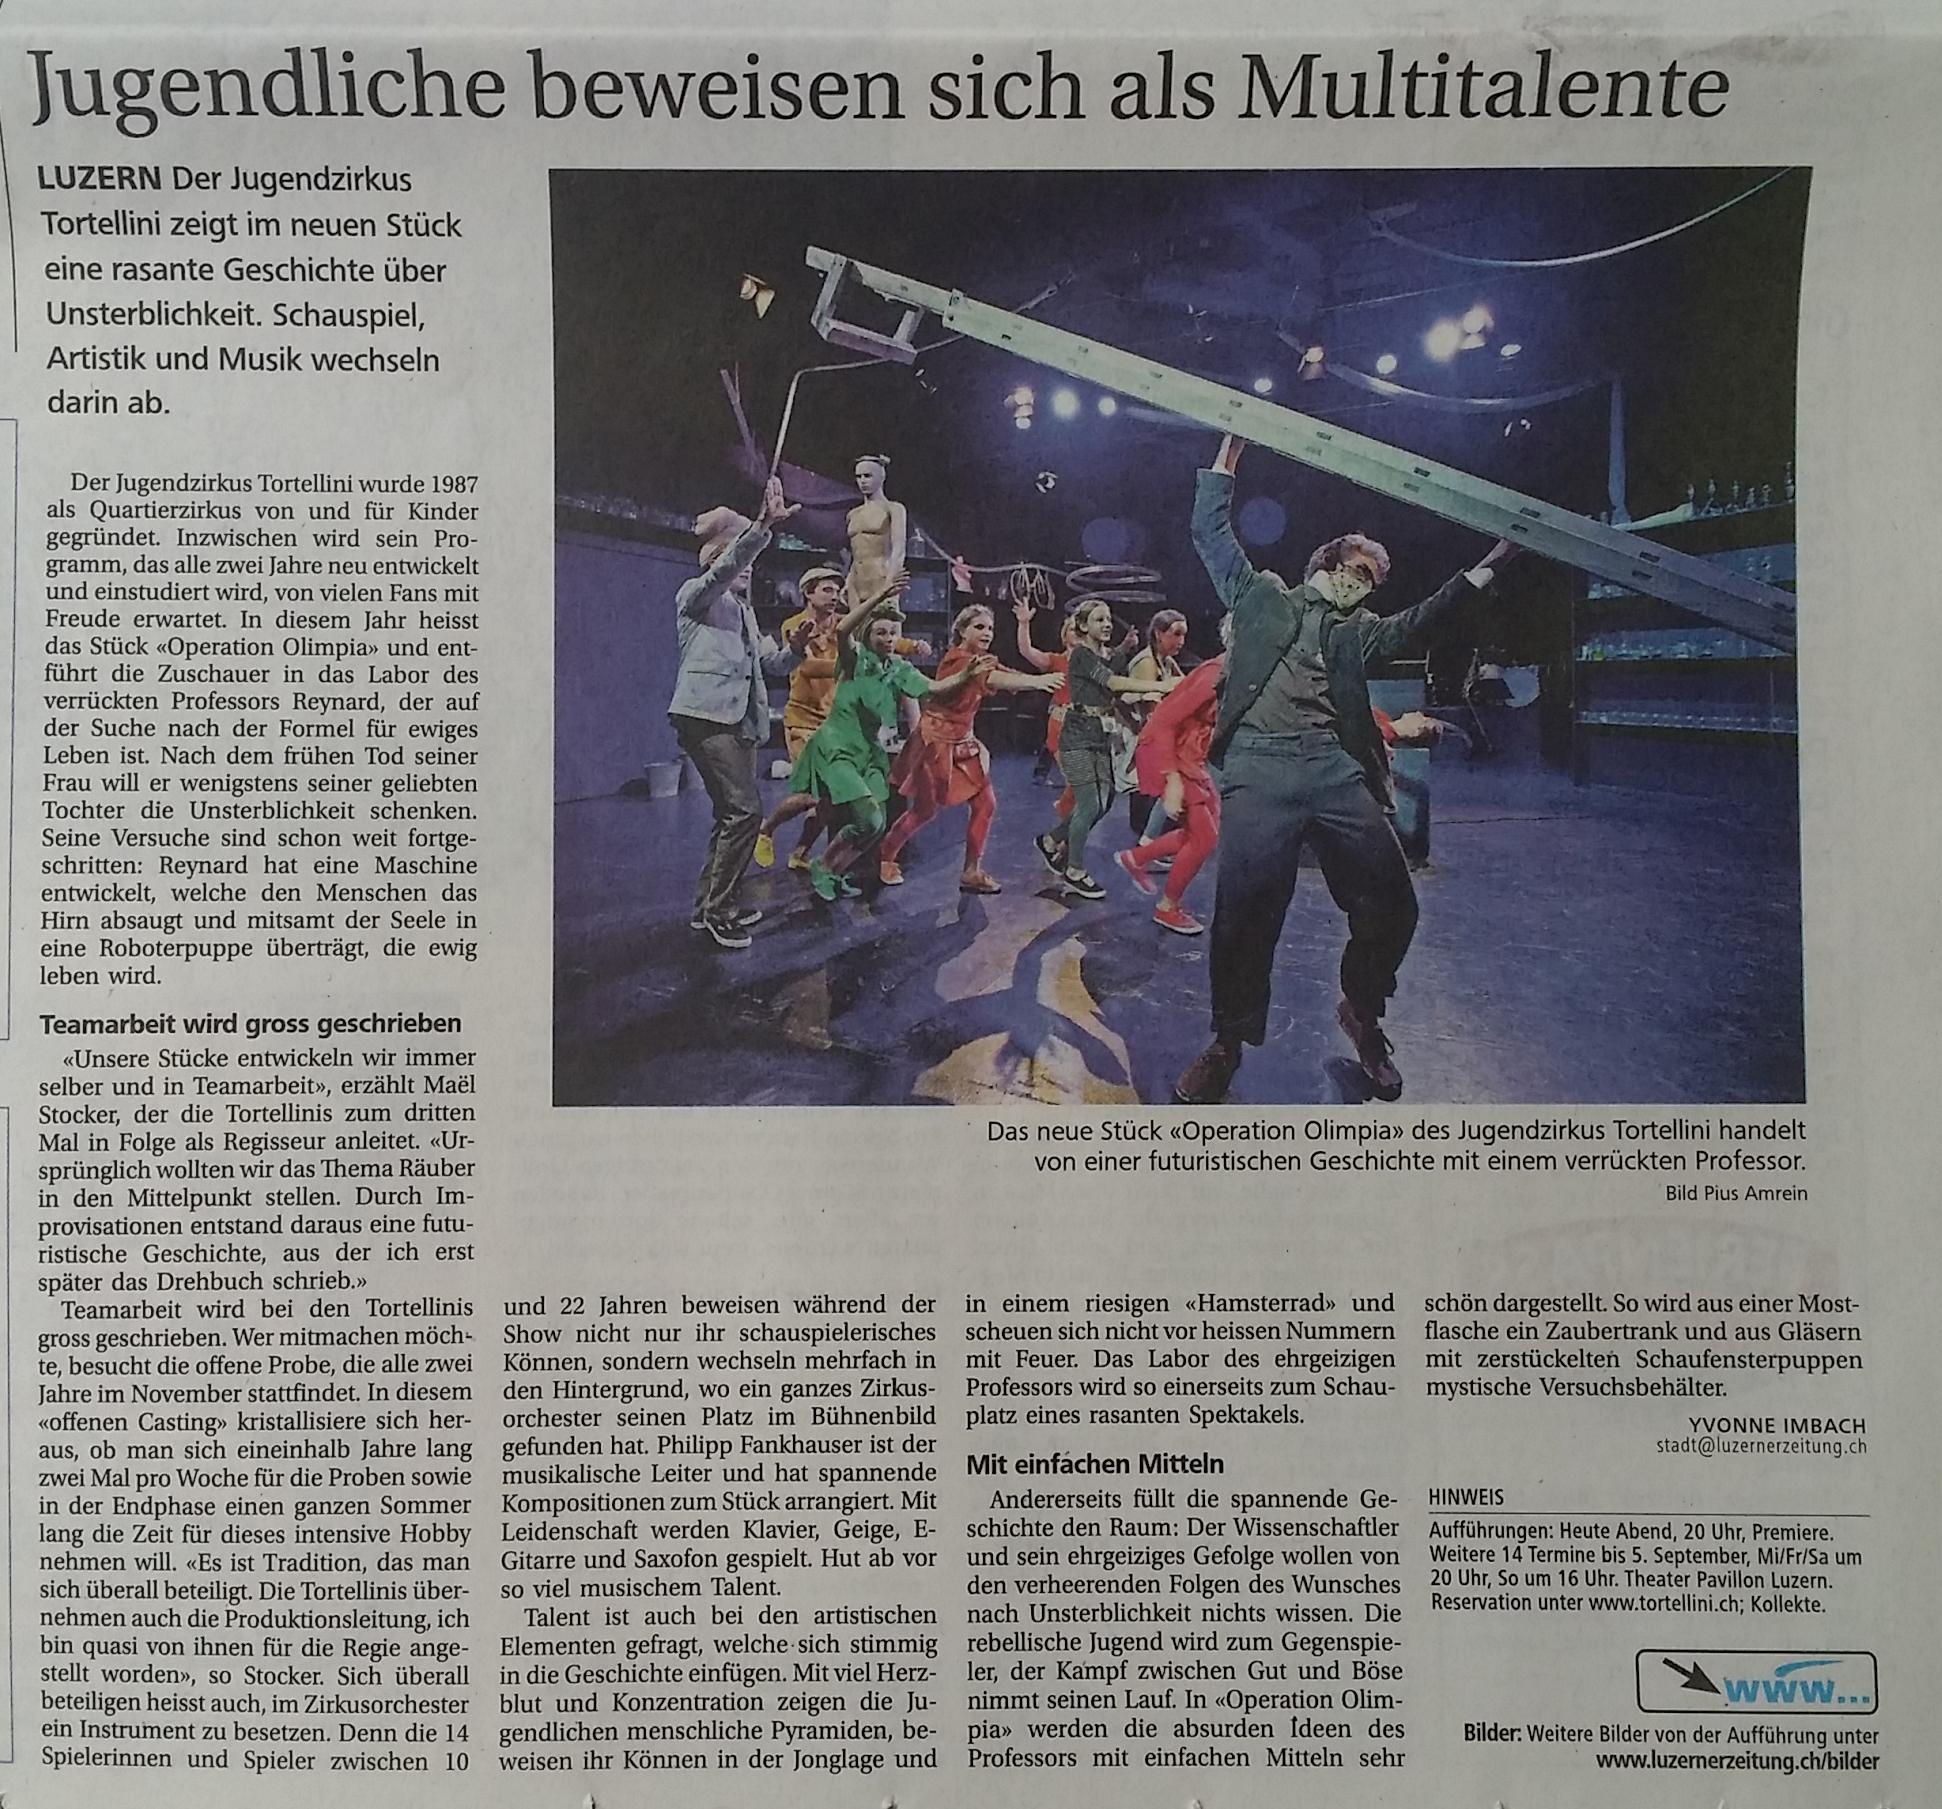 Neue Luzerner Zeitung 07. August 2015